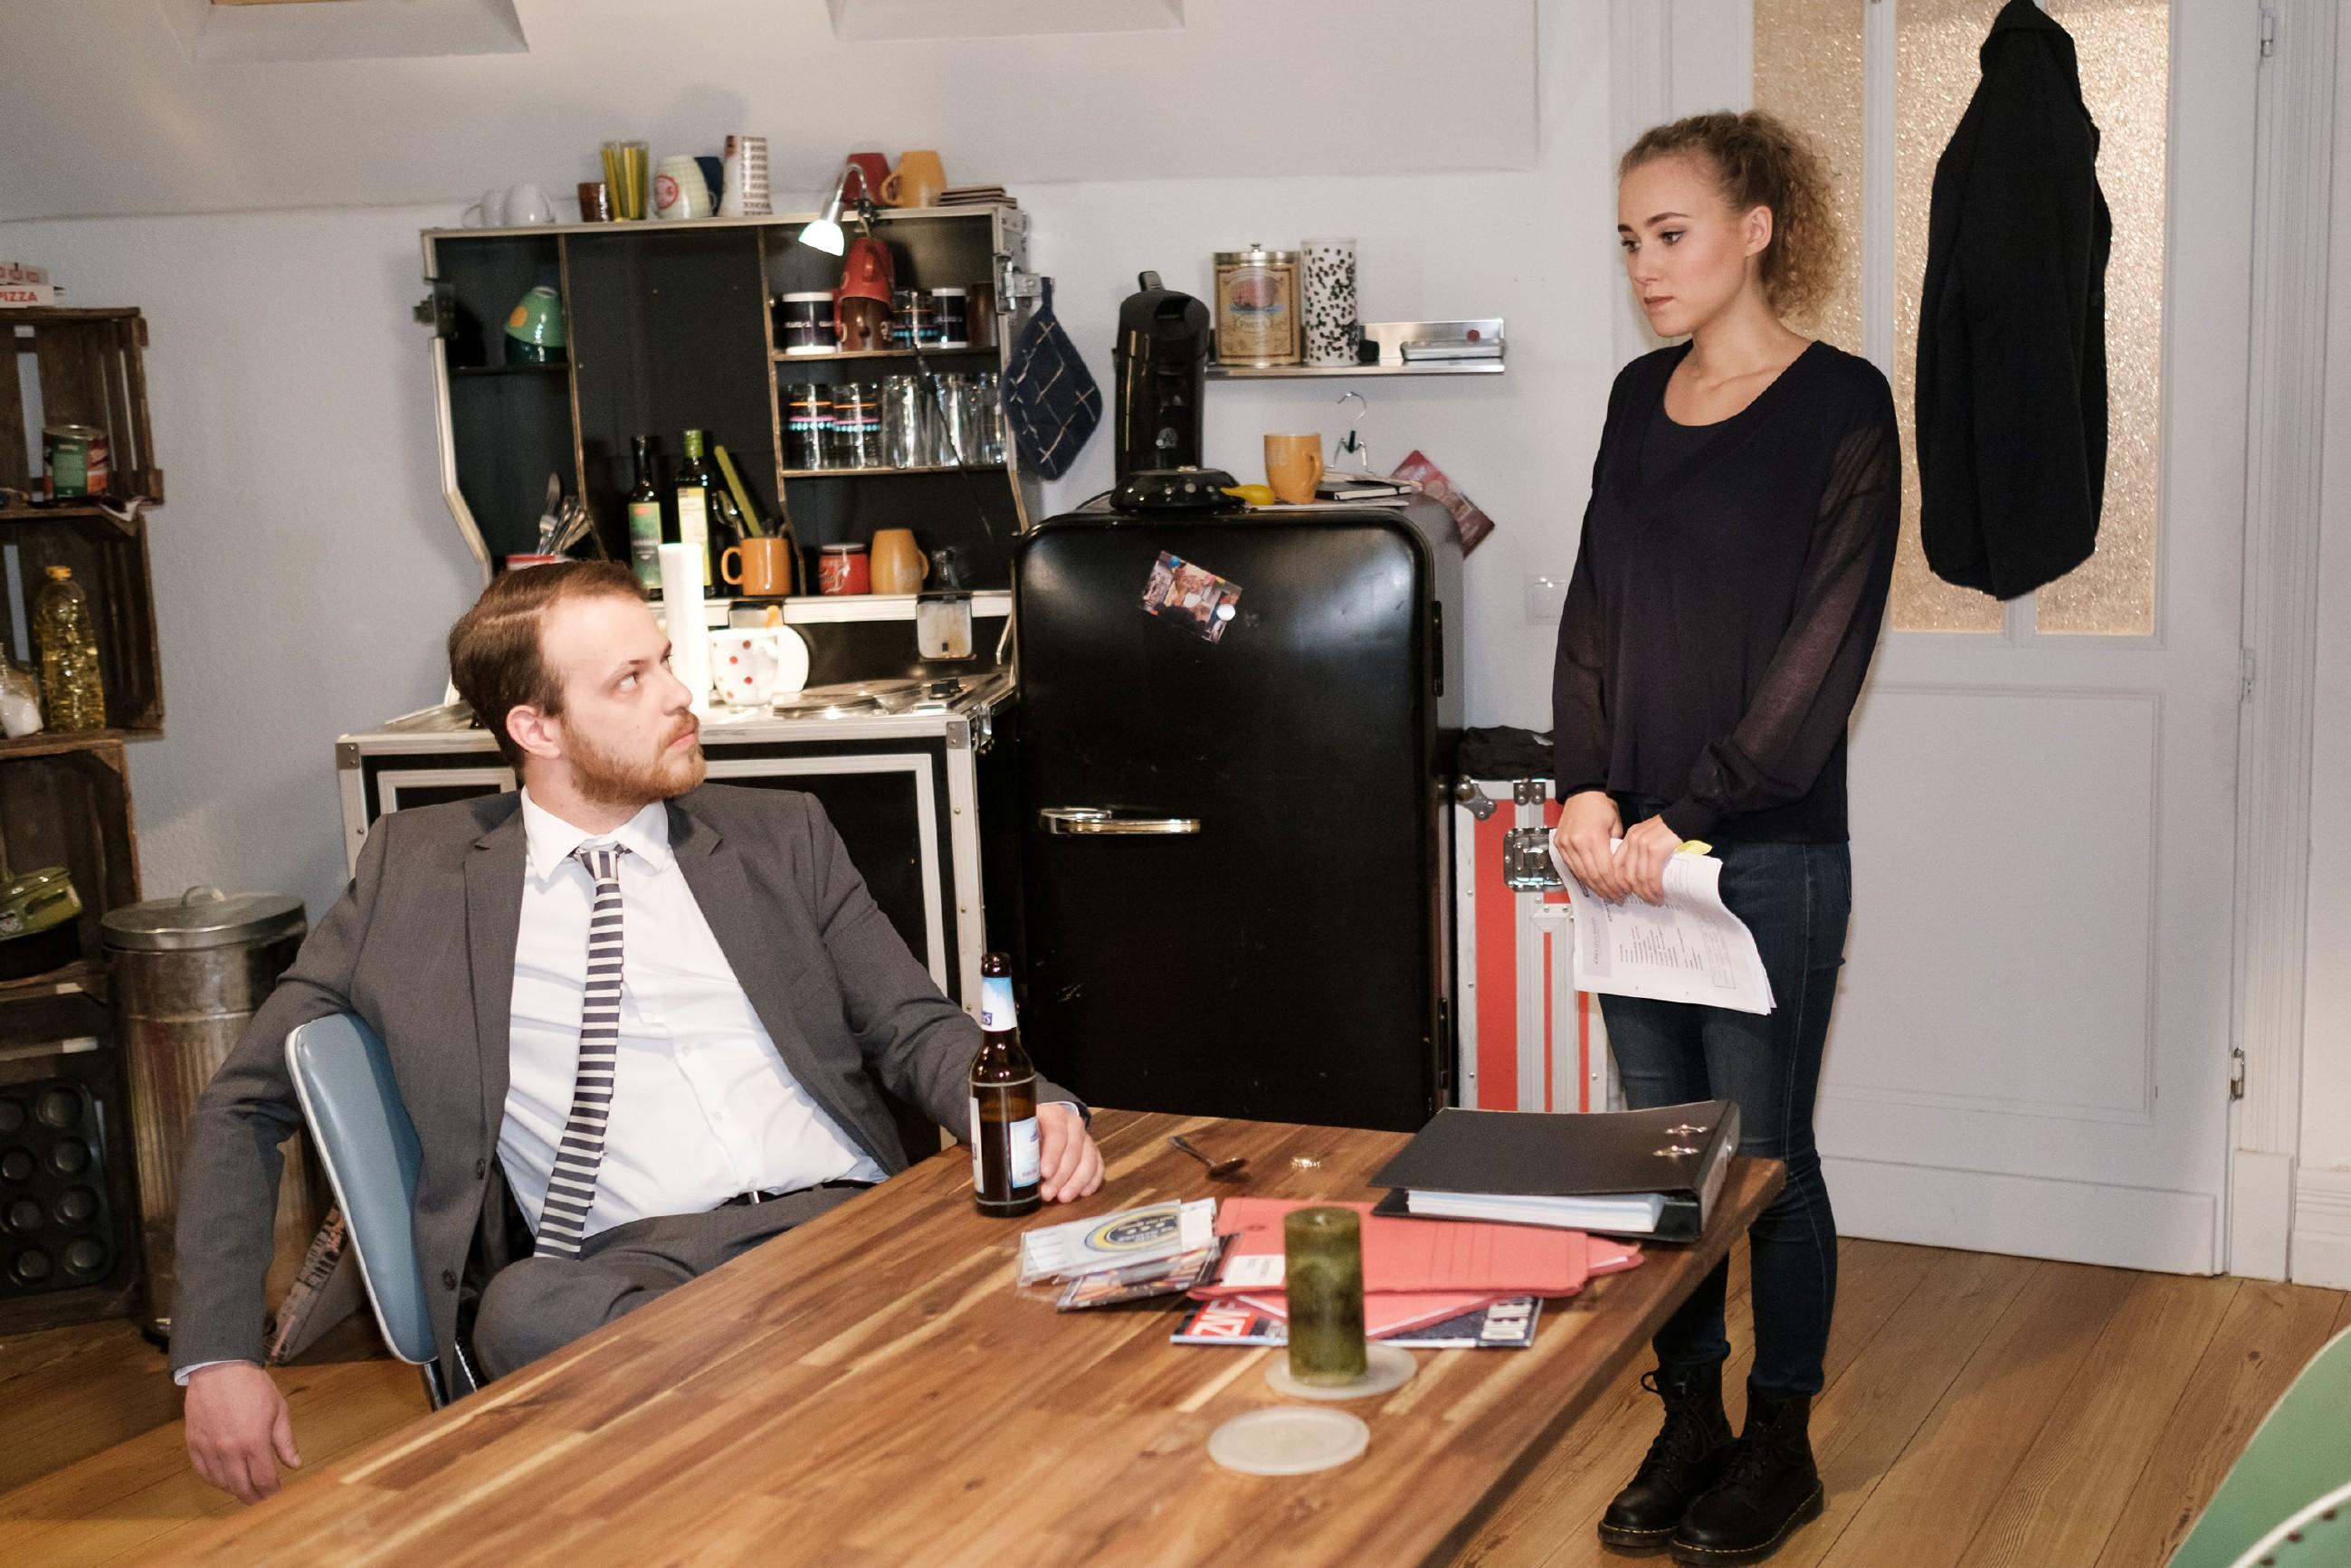 Als KayC (Pauline Angert) sich ehrlich bei Tobias (Patrick Müller) bedankt, besteht der resolut darauf, dass sie sich ab sofort an seine Anweisungen zu halten hat. (Quelle: RTL / Stefan Behrens)